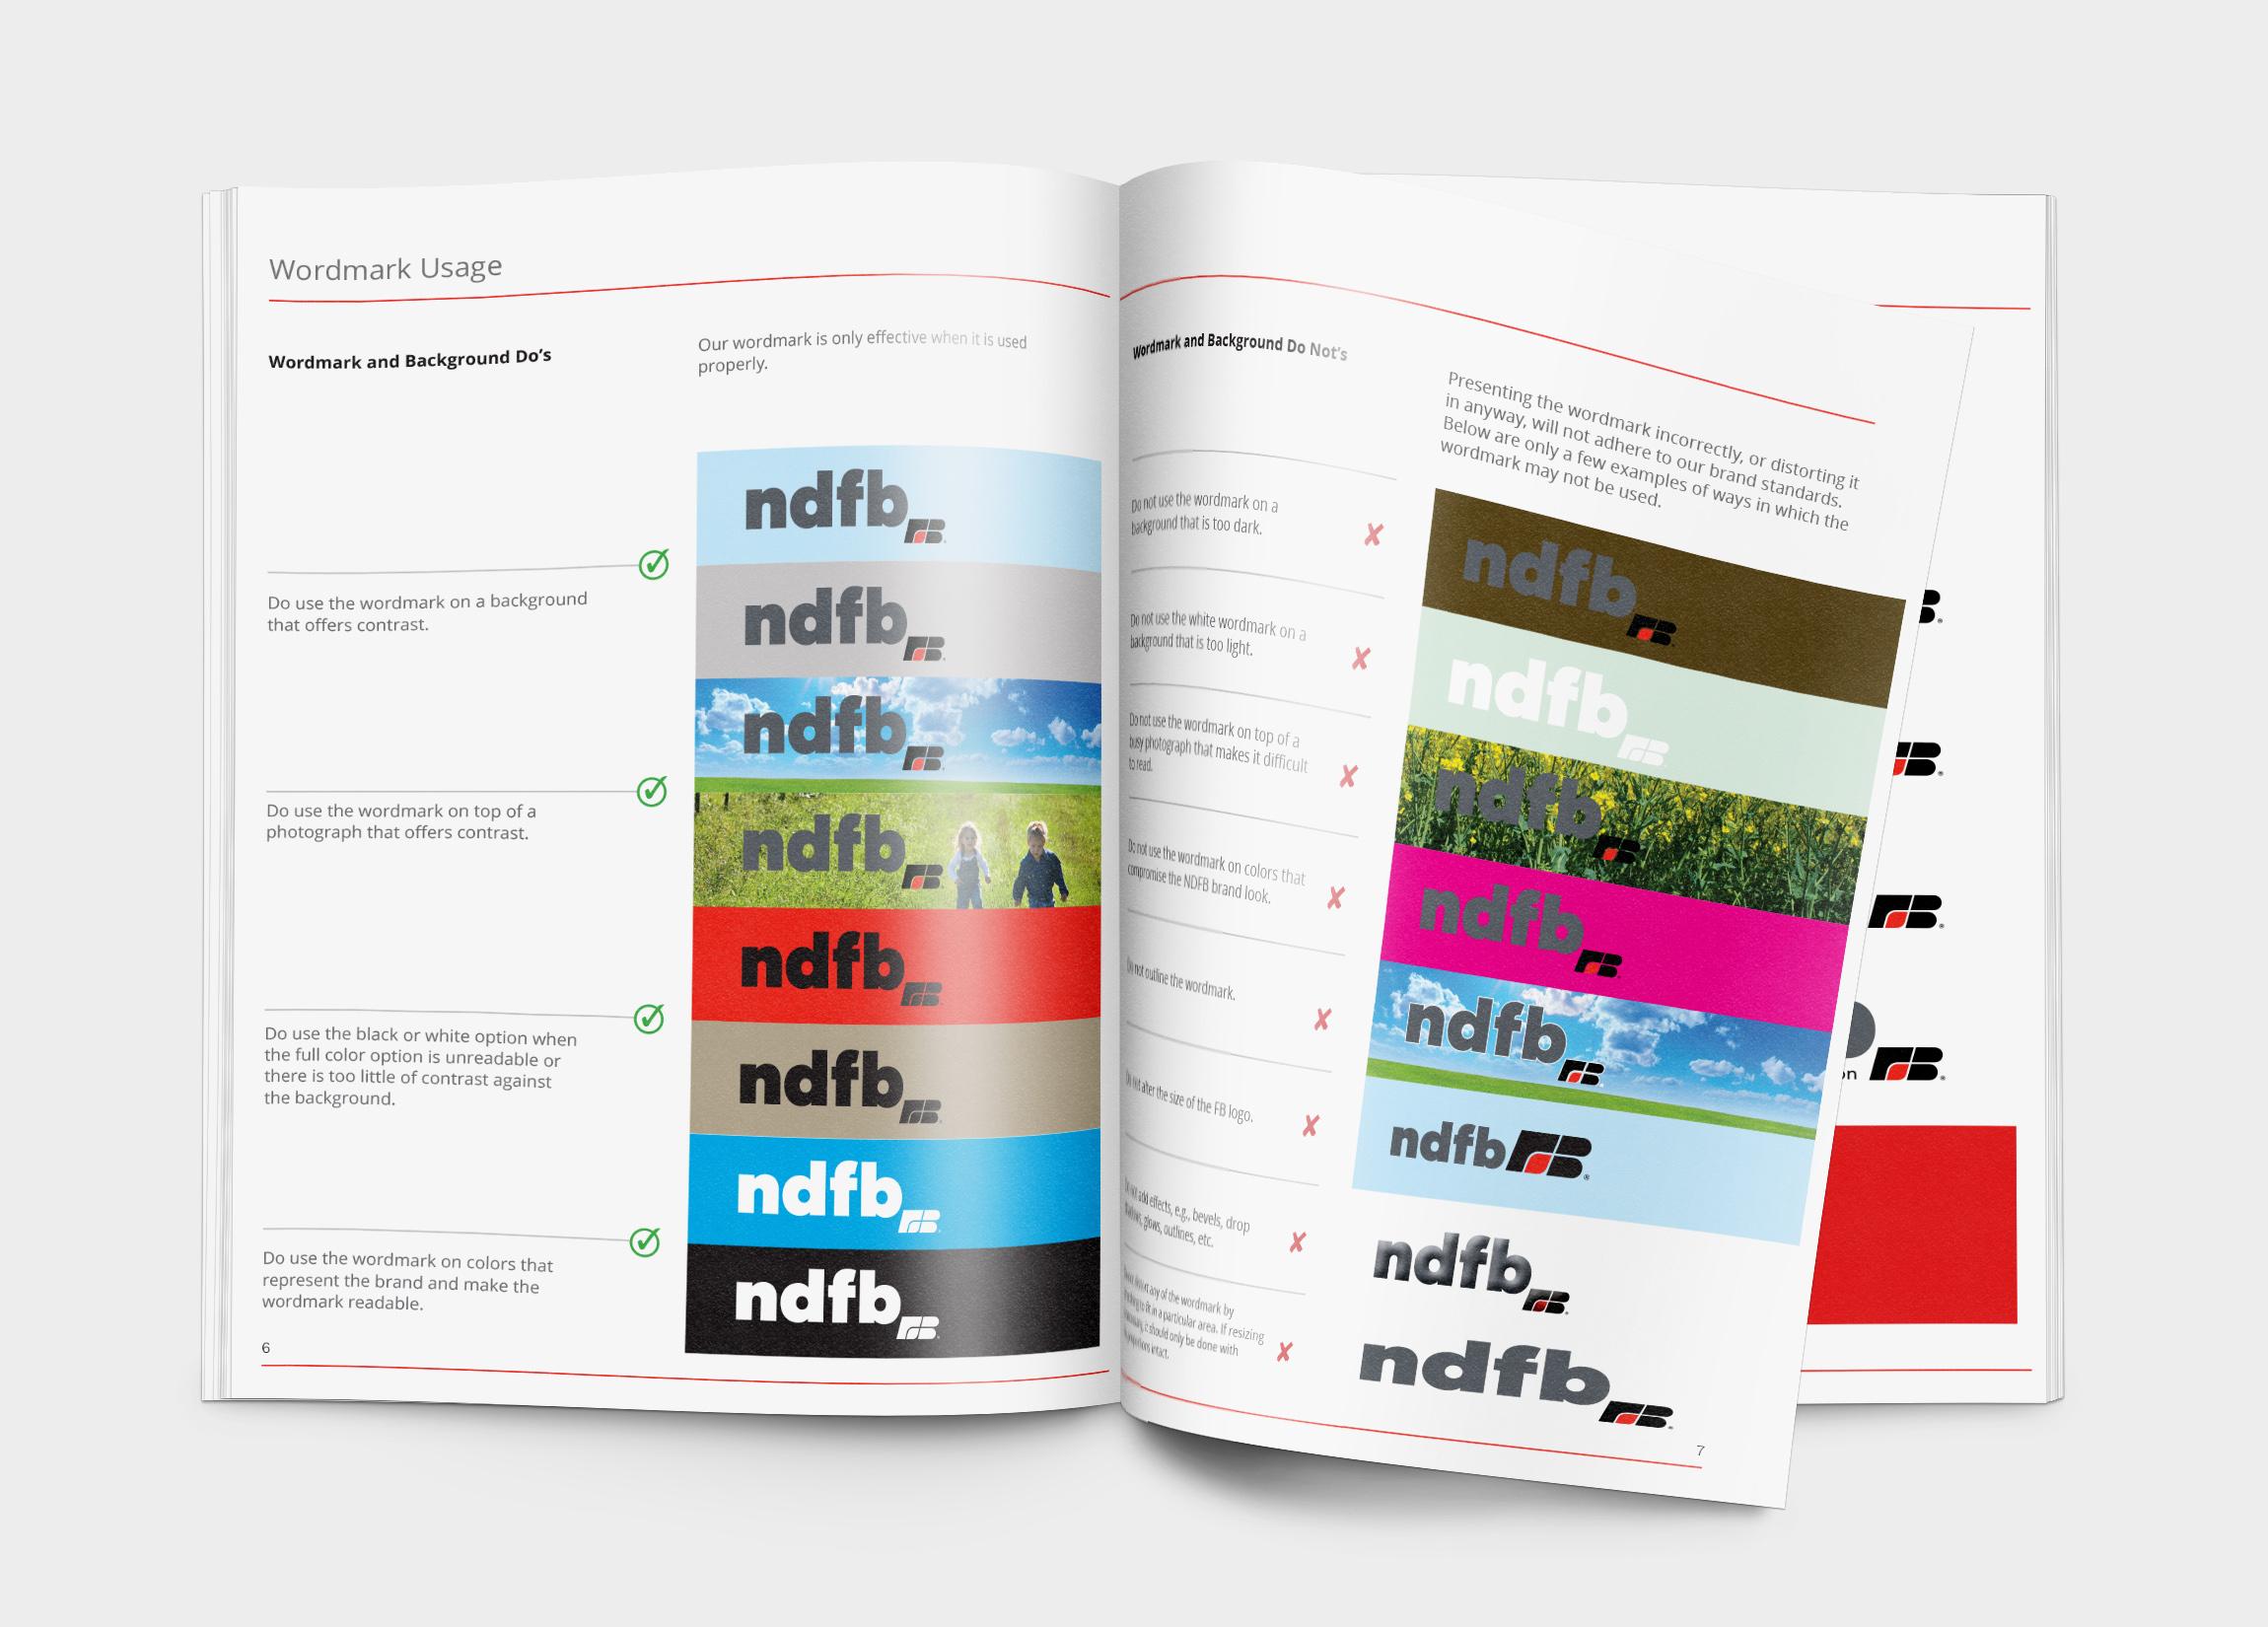 ndfb_brandstandards_book